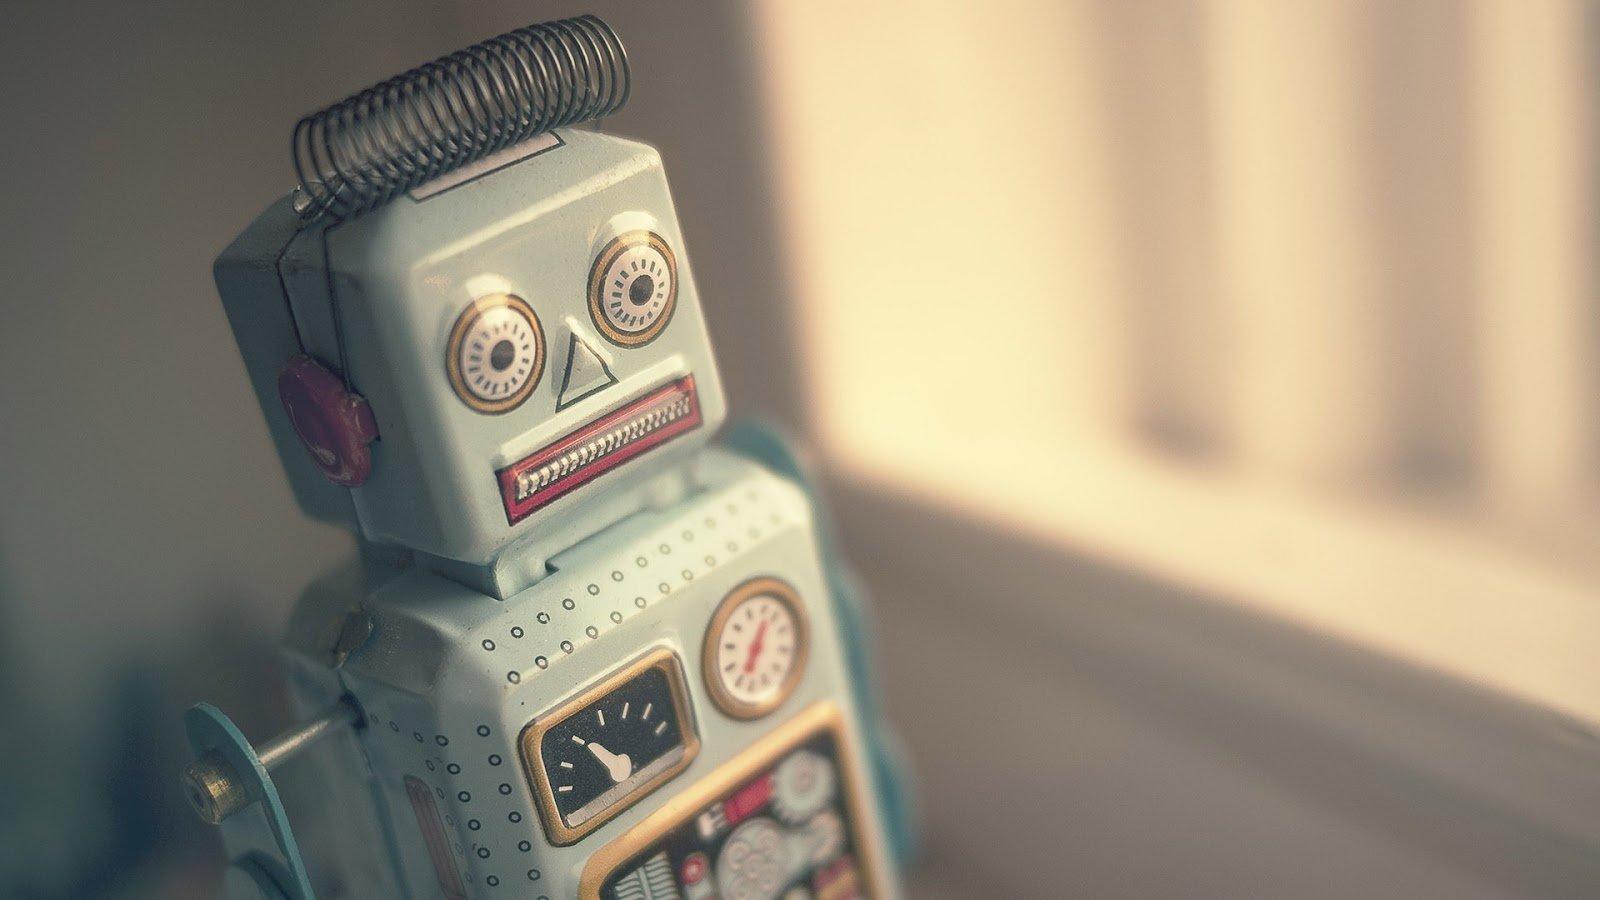 Гейтс, Цукерберг та Маск постаралися, щоб до 2026 ви відчули, як робототехніка скоротить кількість робочих місць